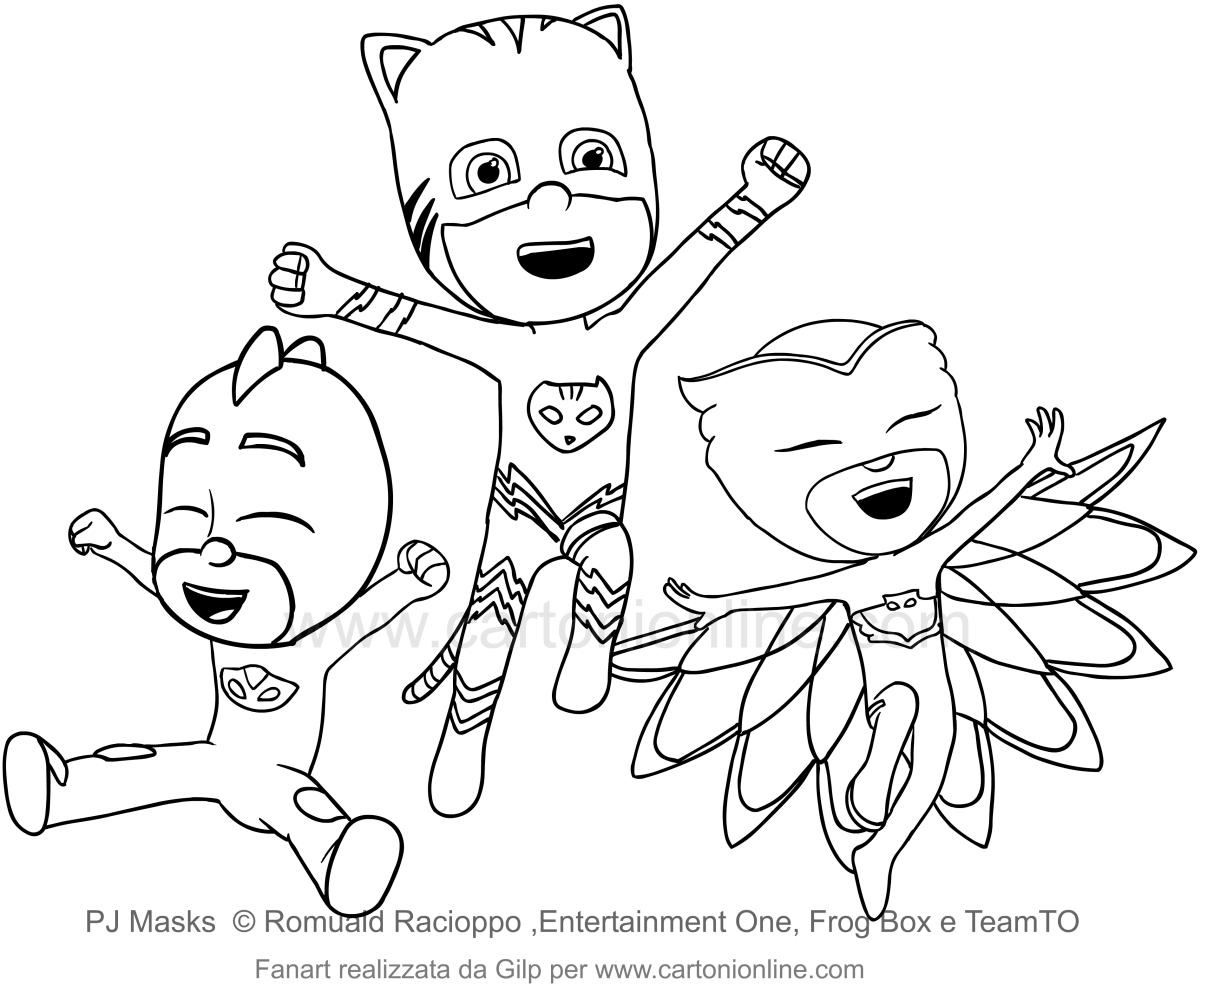 Los pijamas PJ Masks Super se regocijan después de triunfar una vez más contra los malos